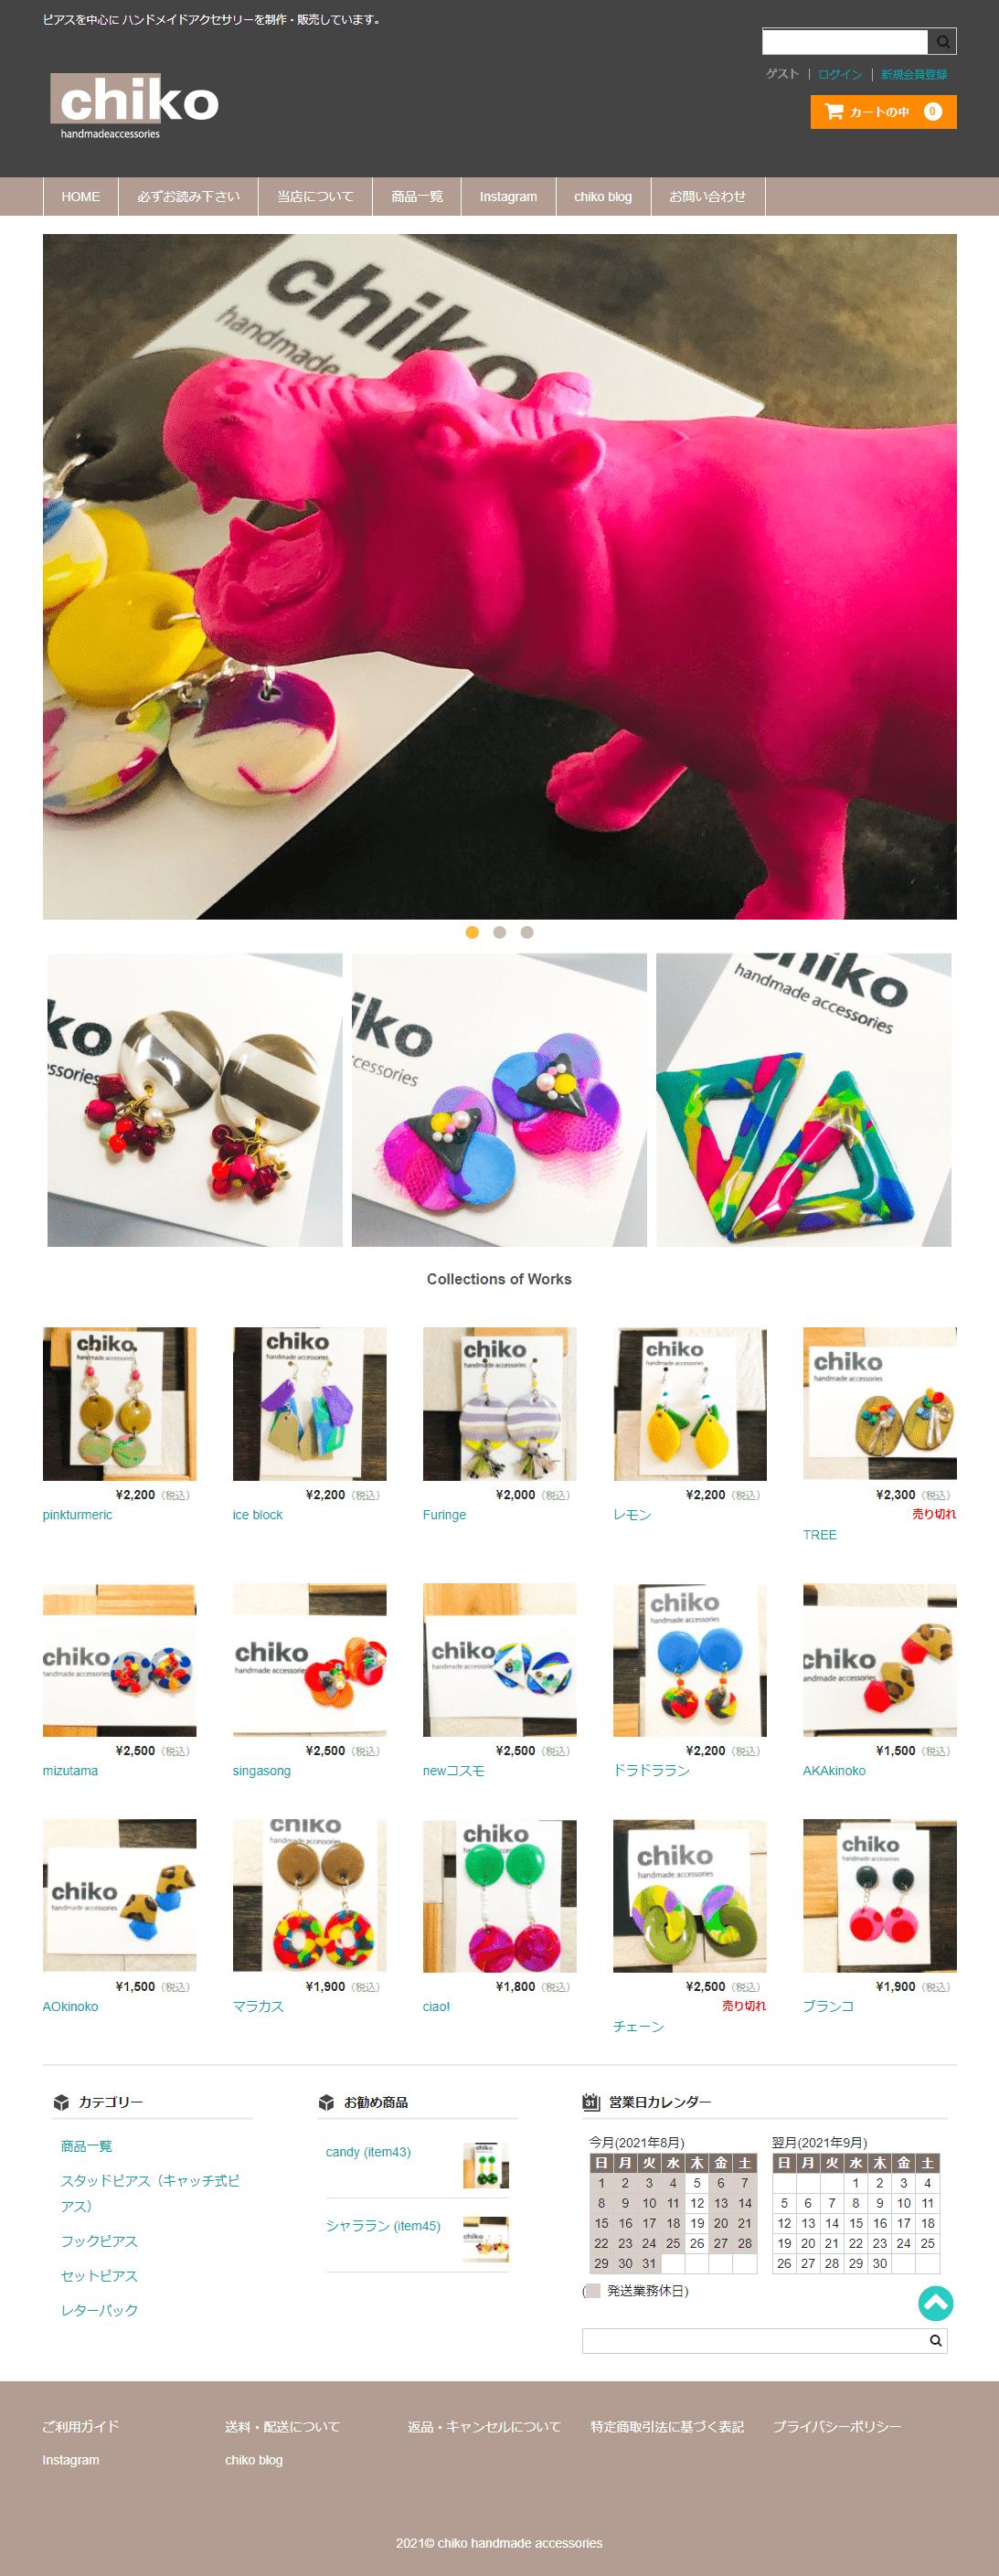 ハンドメイドアクセサリー販売「chiko」様 ショッピングサイト作成・制作